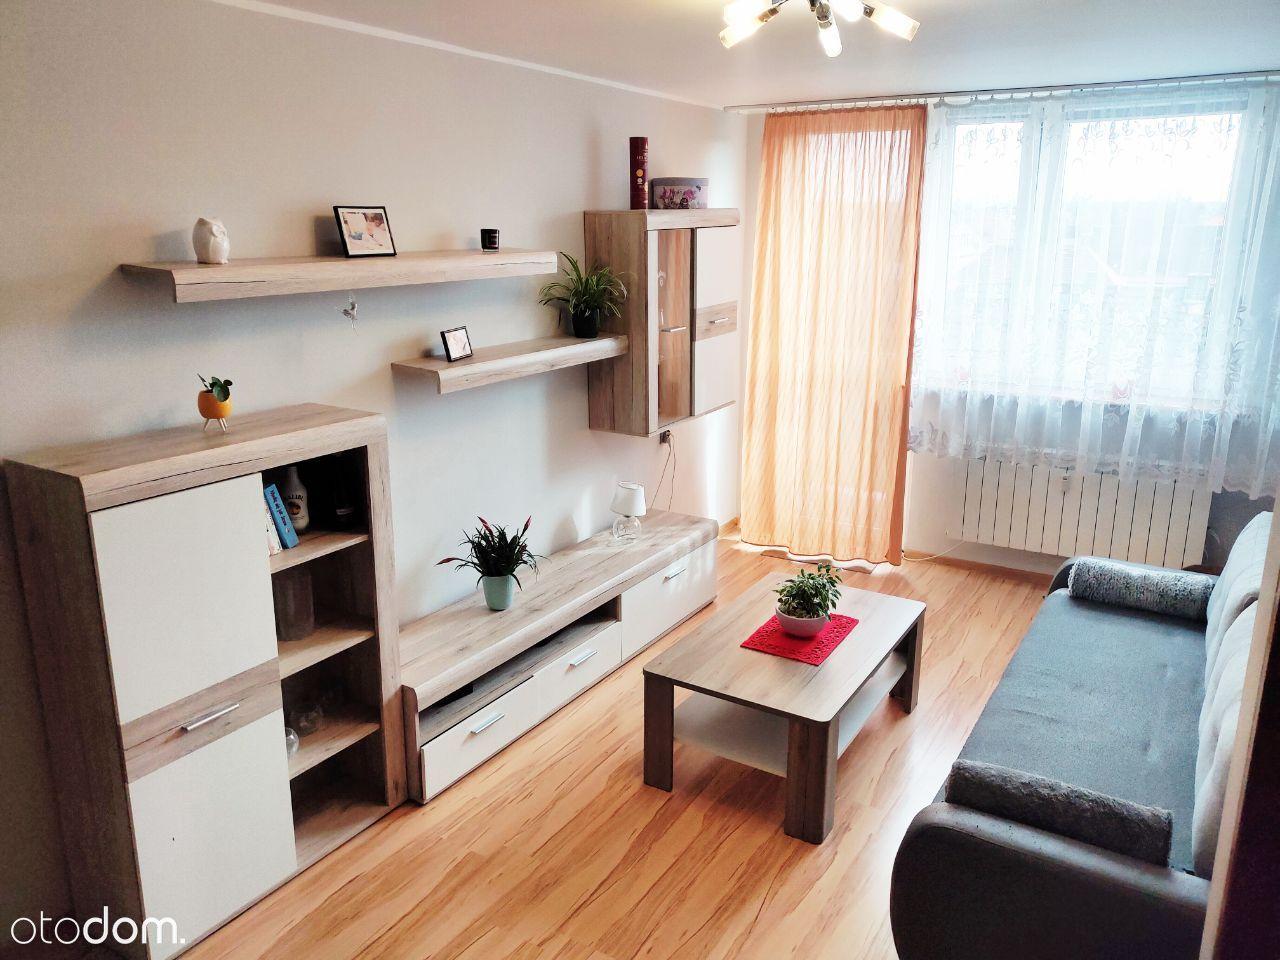 W pełni wyposażone mieszkanie 2 pokoje 40m2 balkon